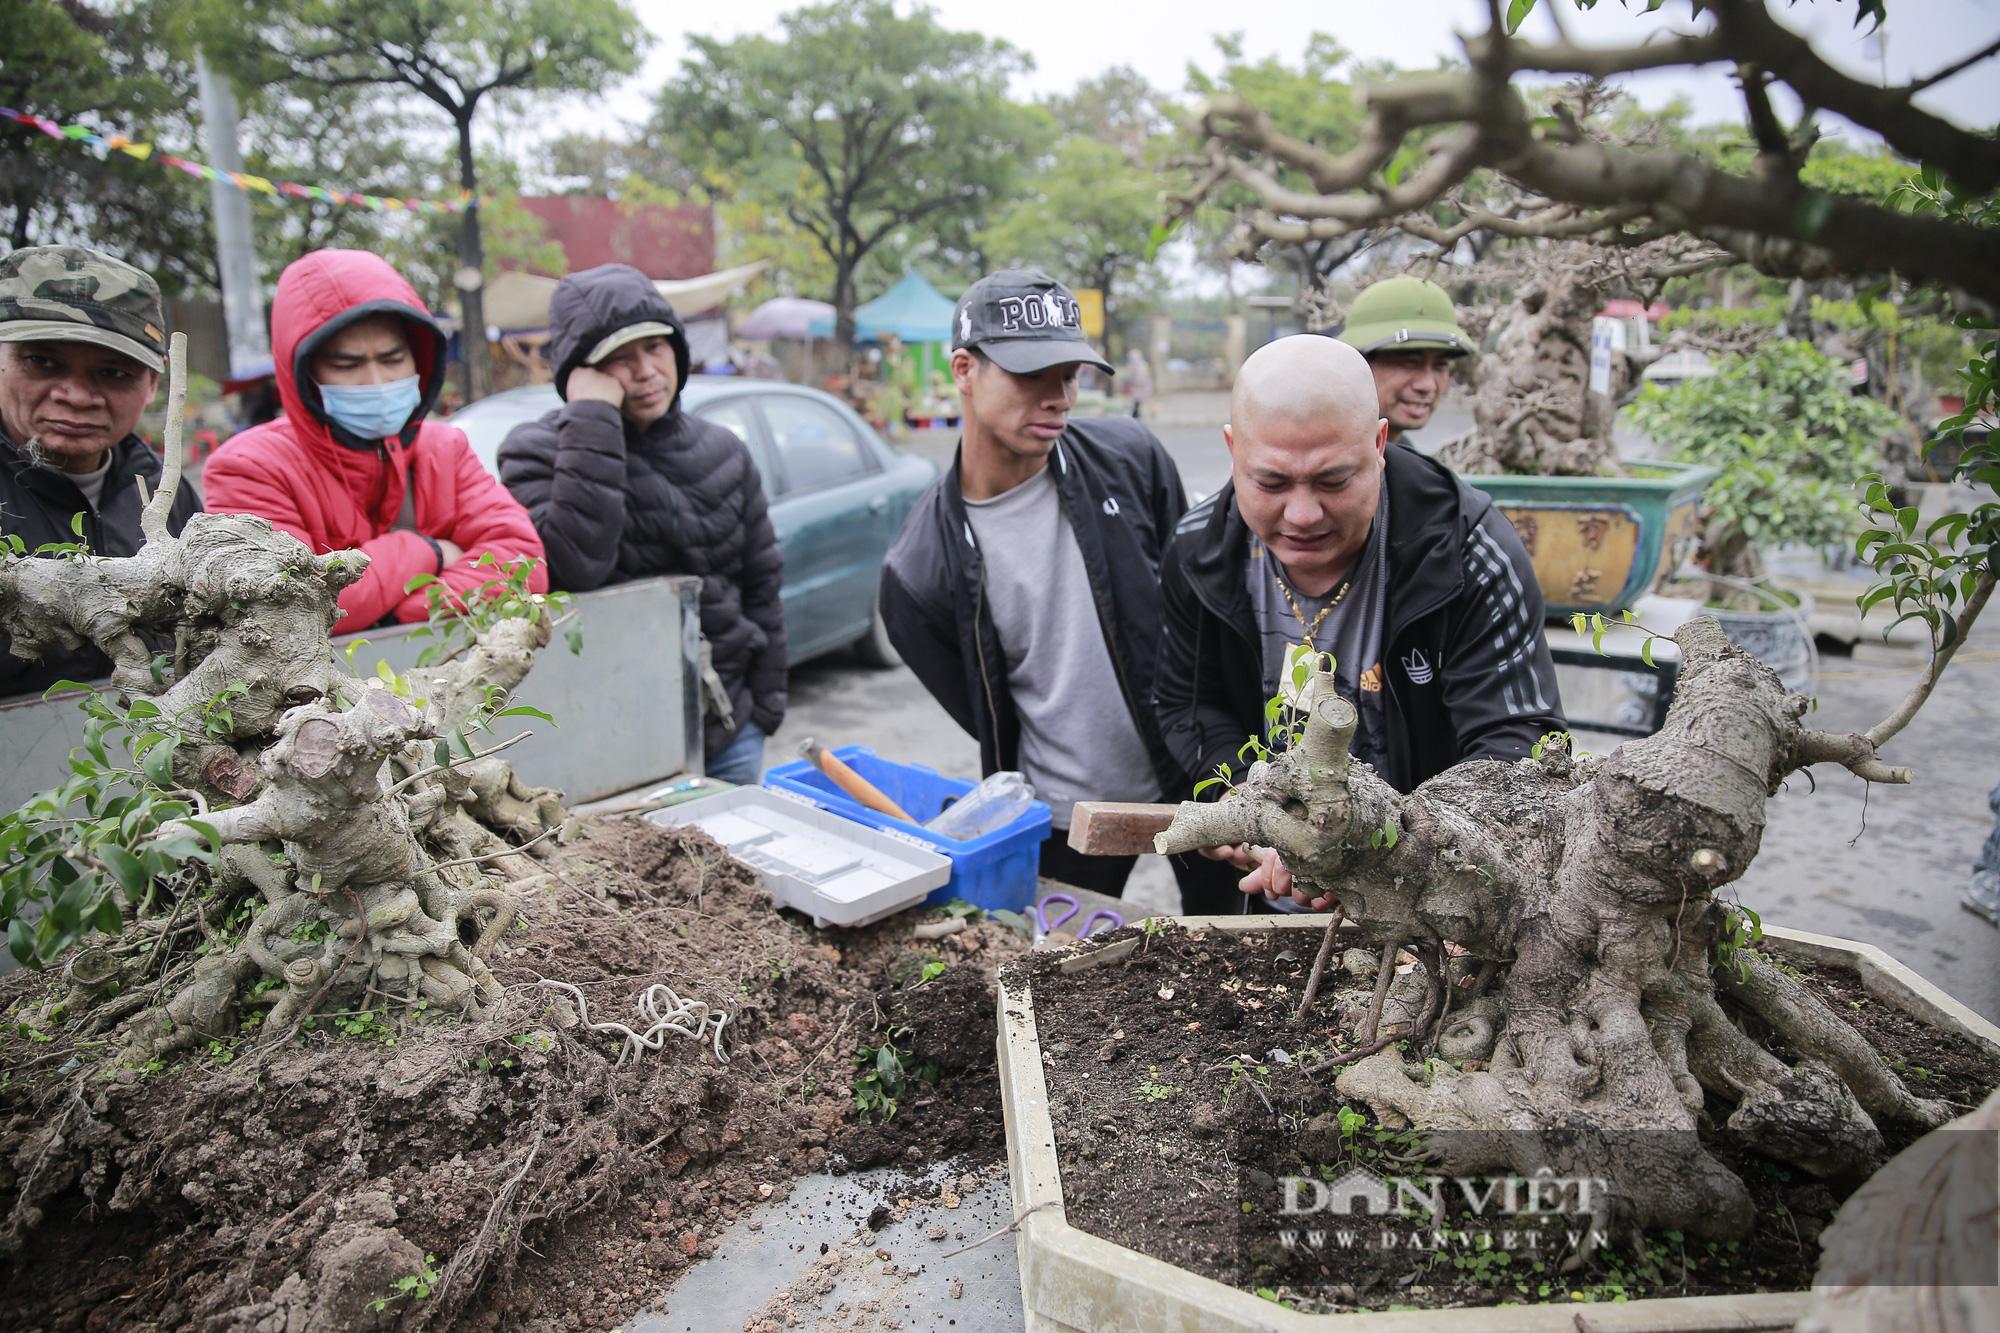 Mãn nhãn với những chậu bonsai quý hiếm tại Festival Sinh vật cảnh Hà Nội - Ảnh 2.